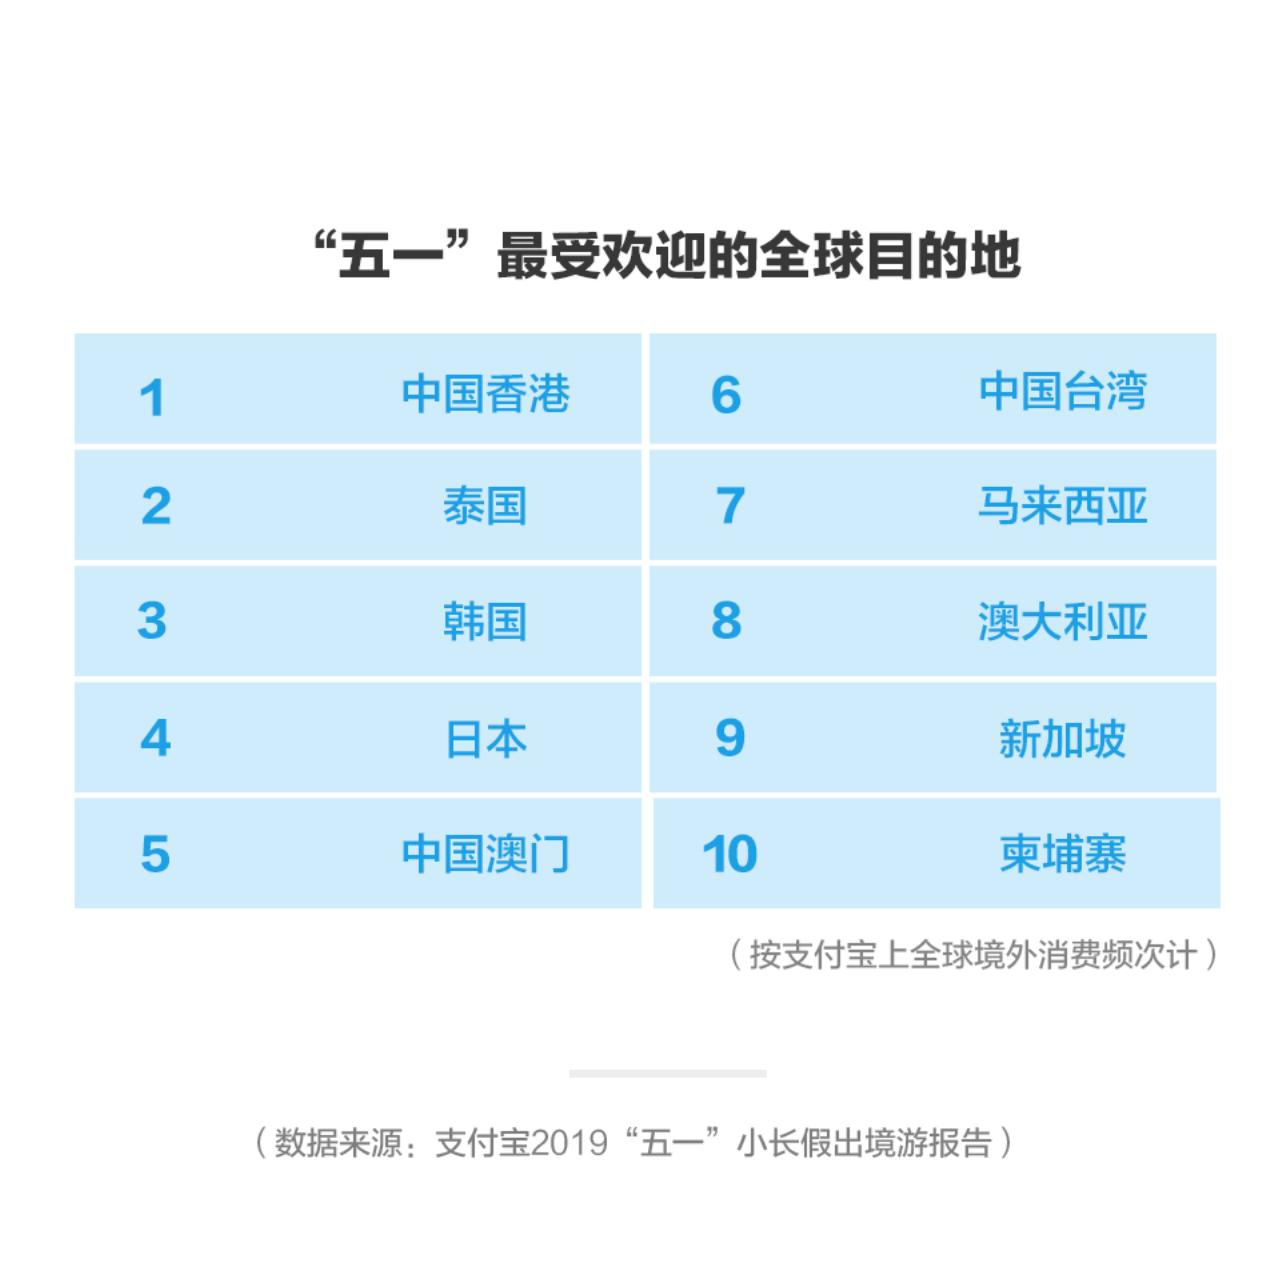 """支付宝""""五一""""出境游报告: 人均使用支付宝消费近1800元,00后和40、50后成新势力"""